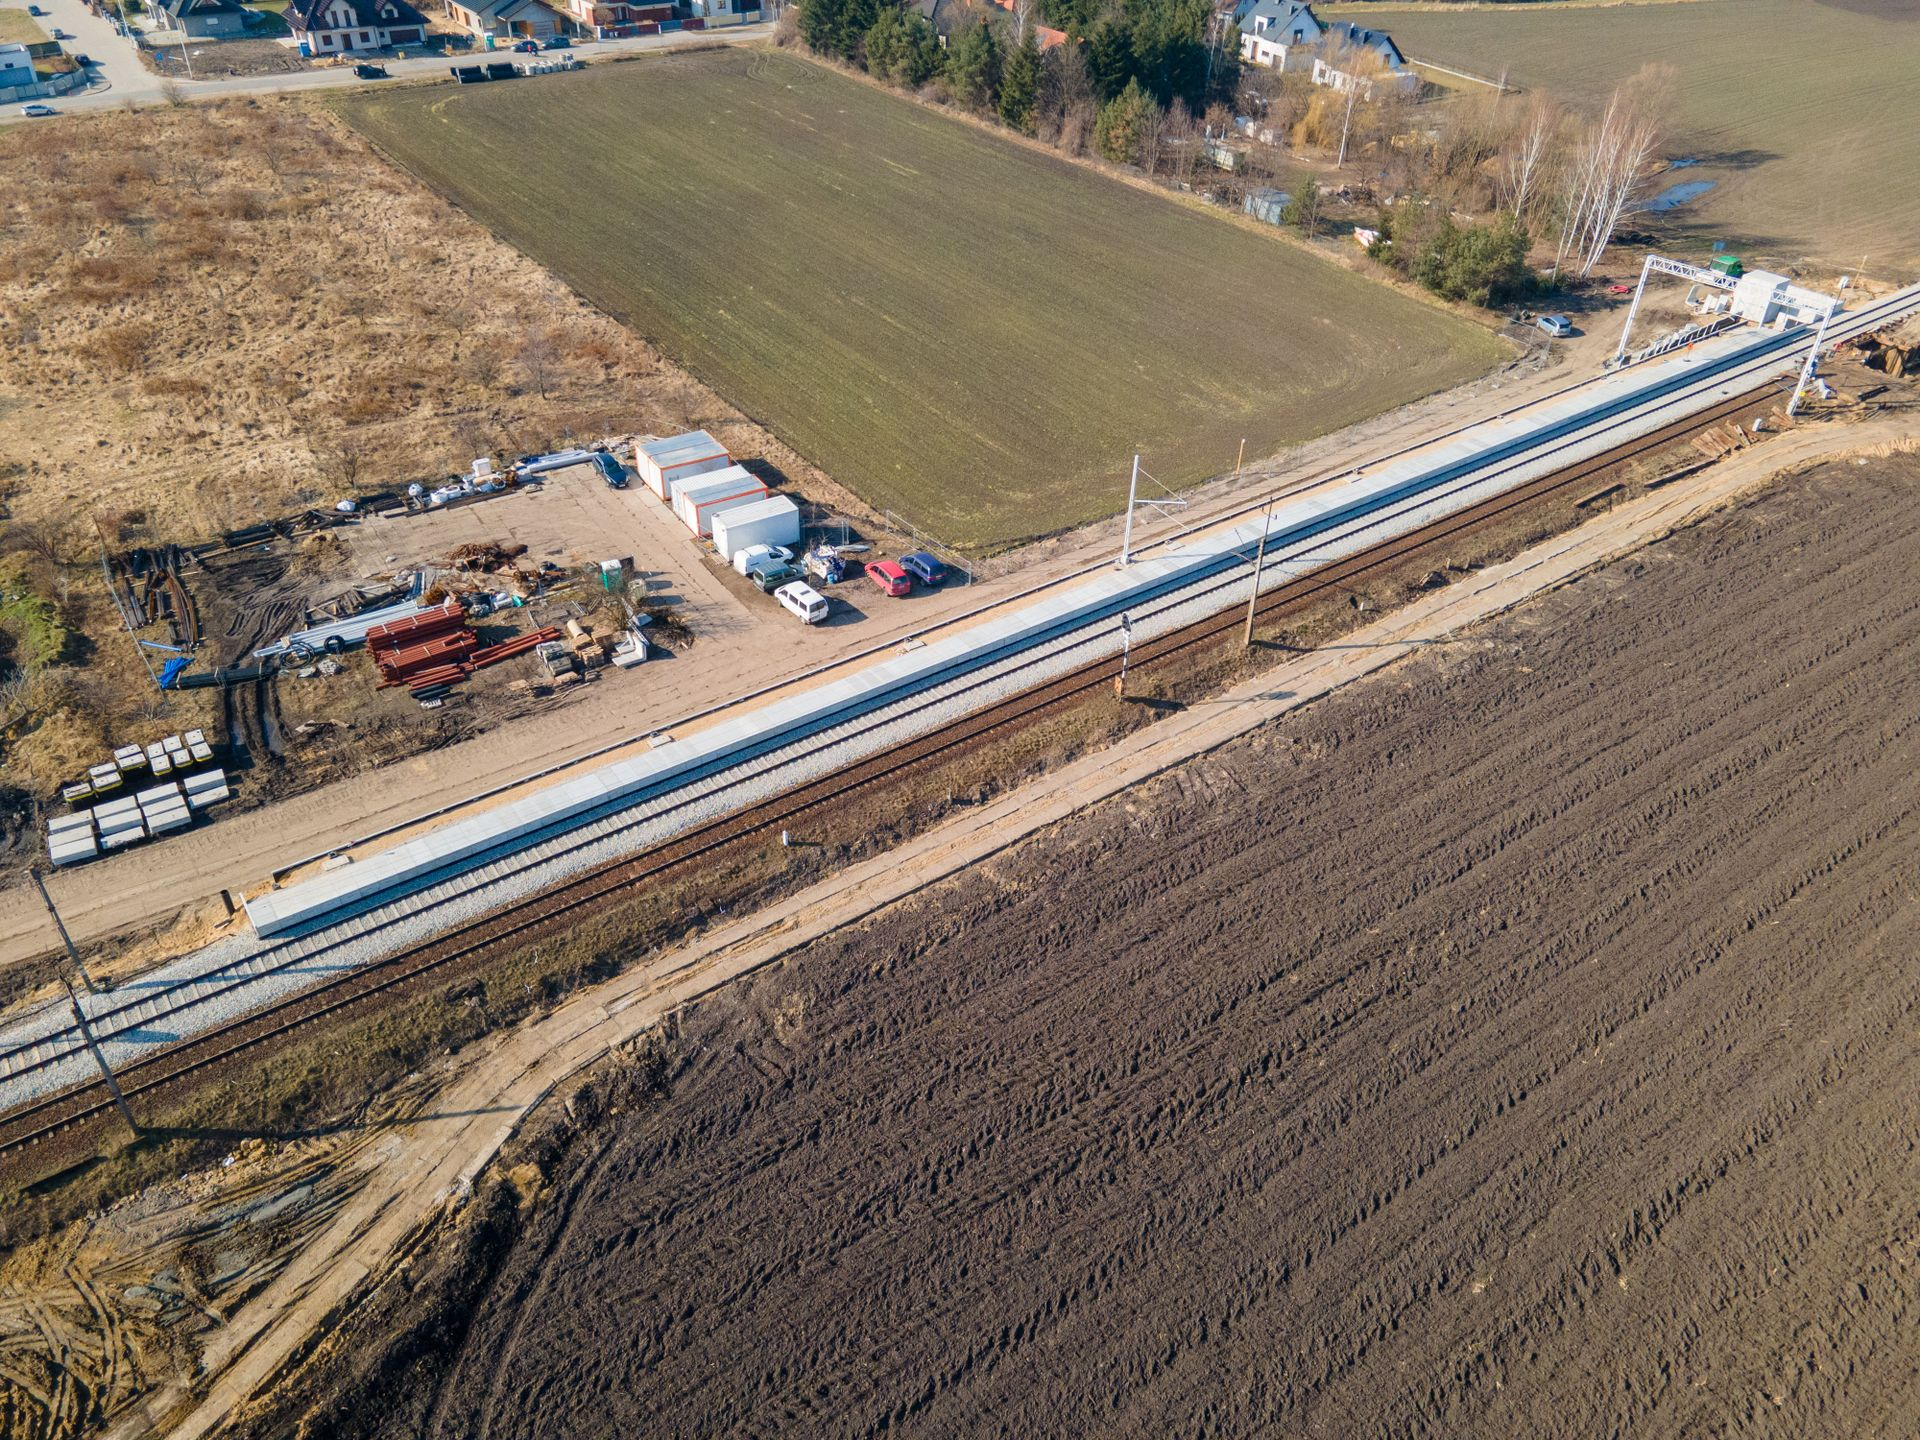 Opóźni się otwarcie przystanku kolejowego w pobliżu wrocławskiego Jagodna